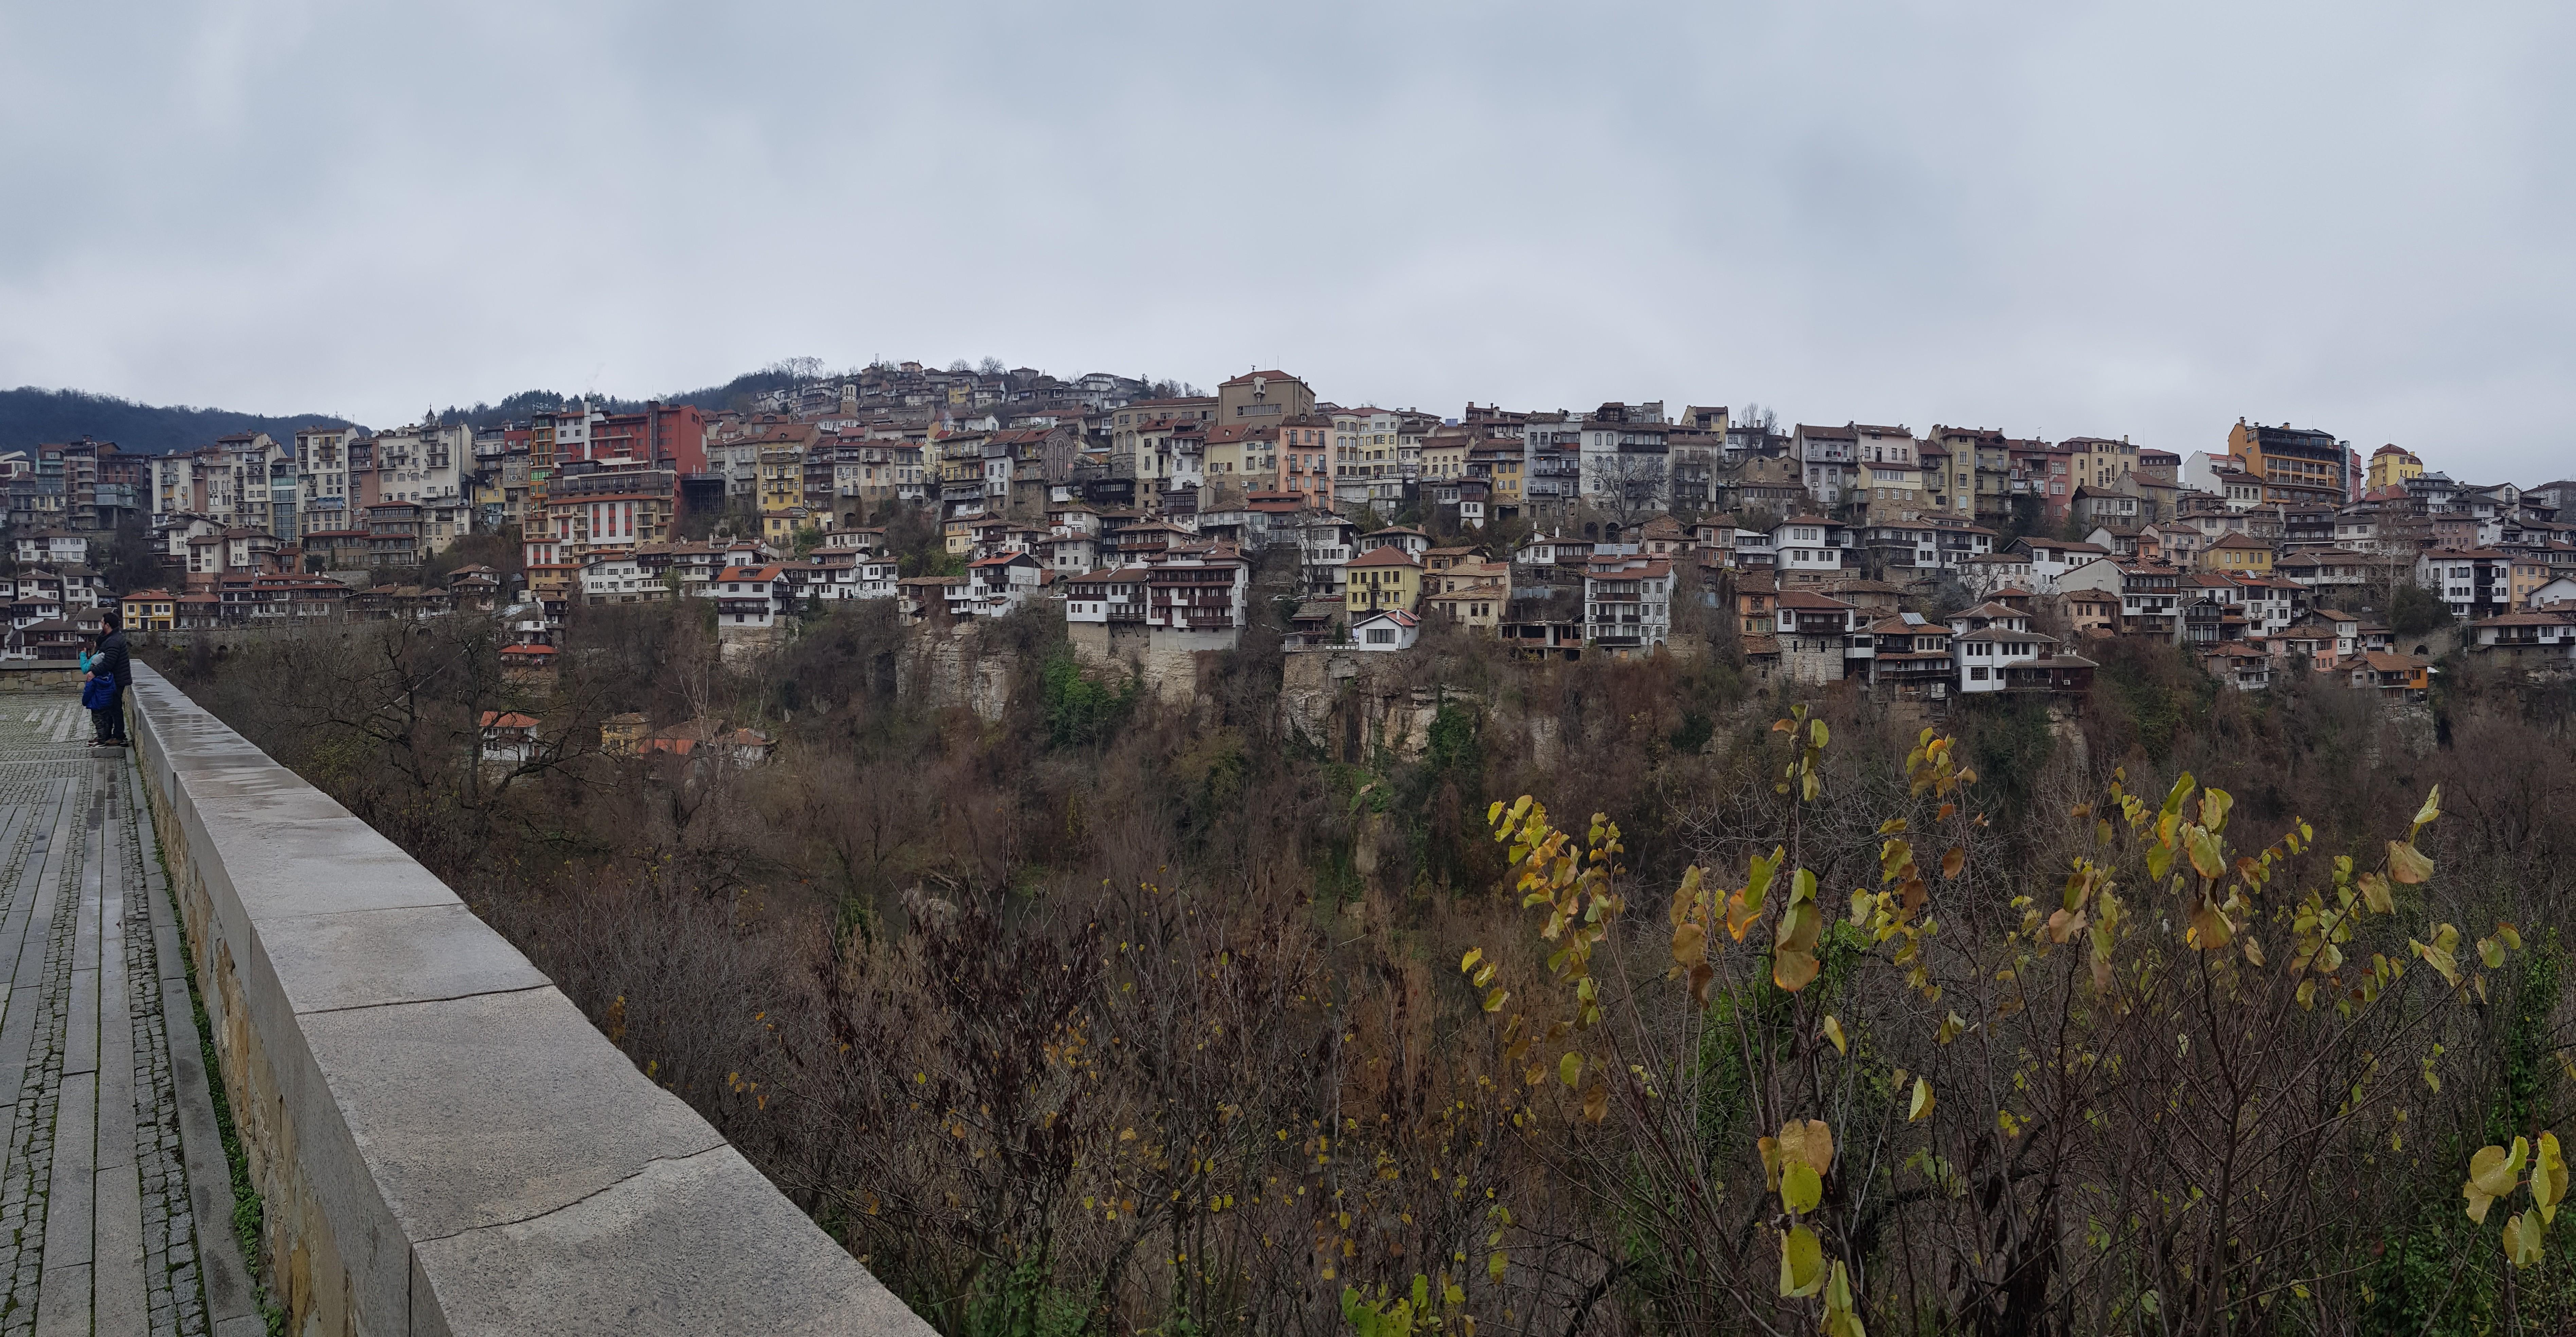 Doua zile in Veliko Tarnovo